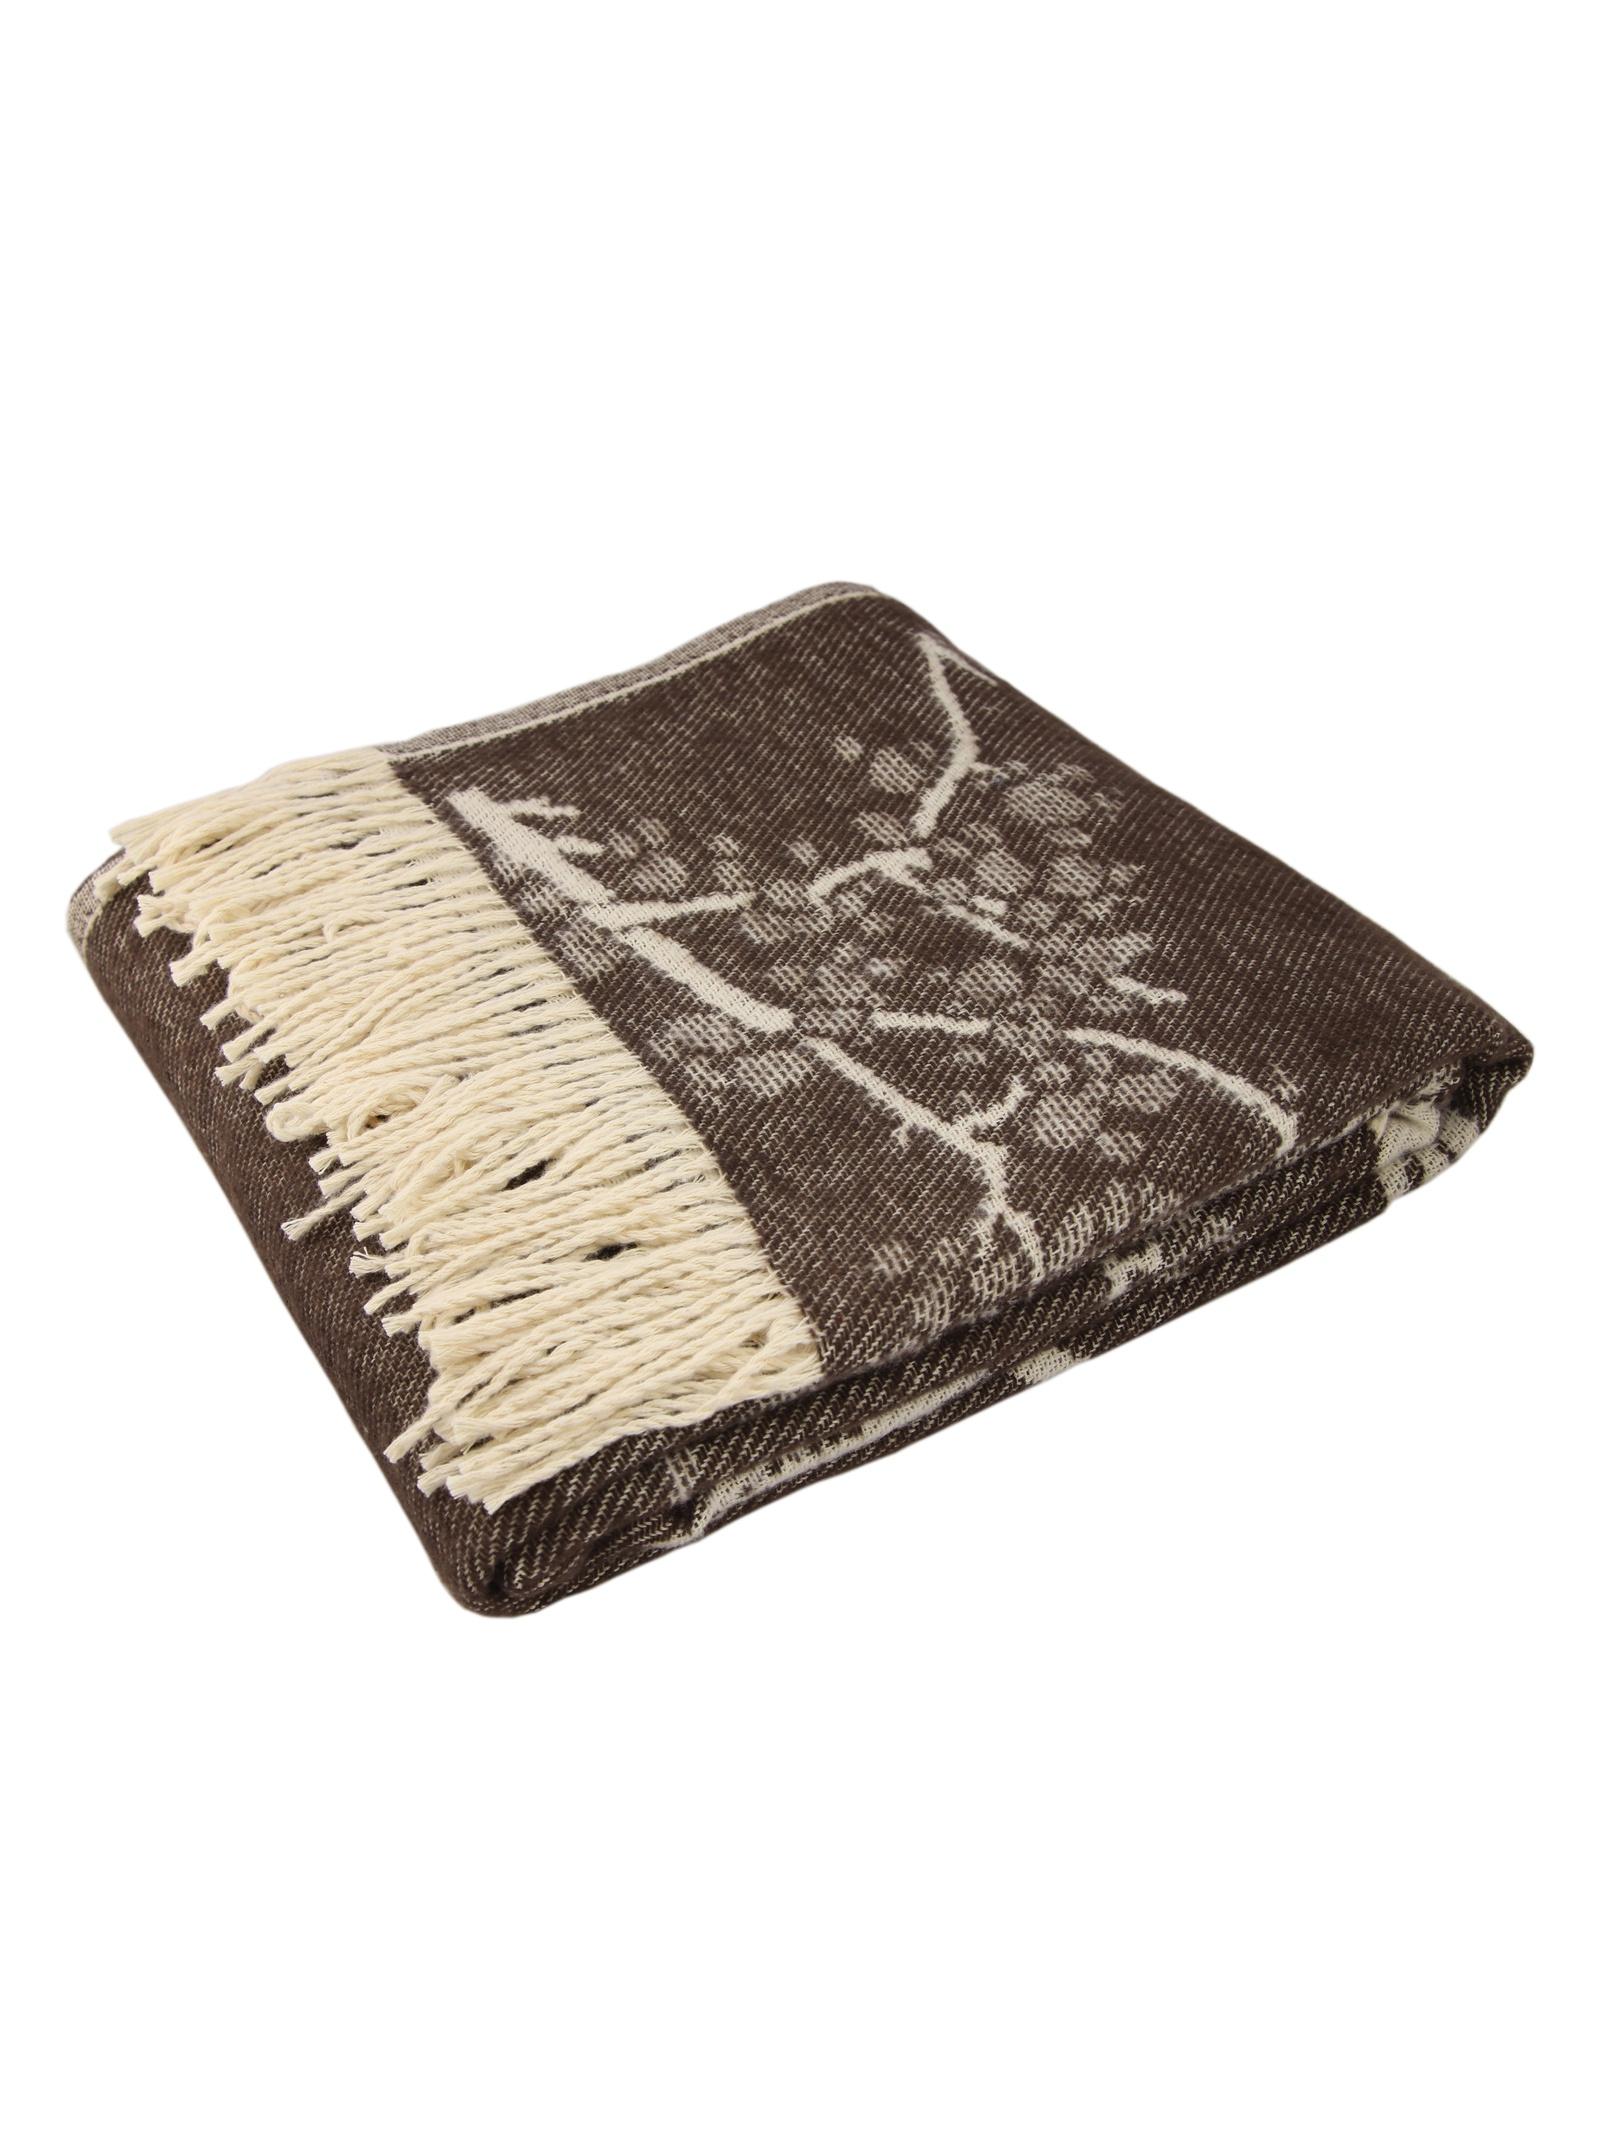 Плед Arloni жаккардовое плетение, 27085, коричневый цена